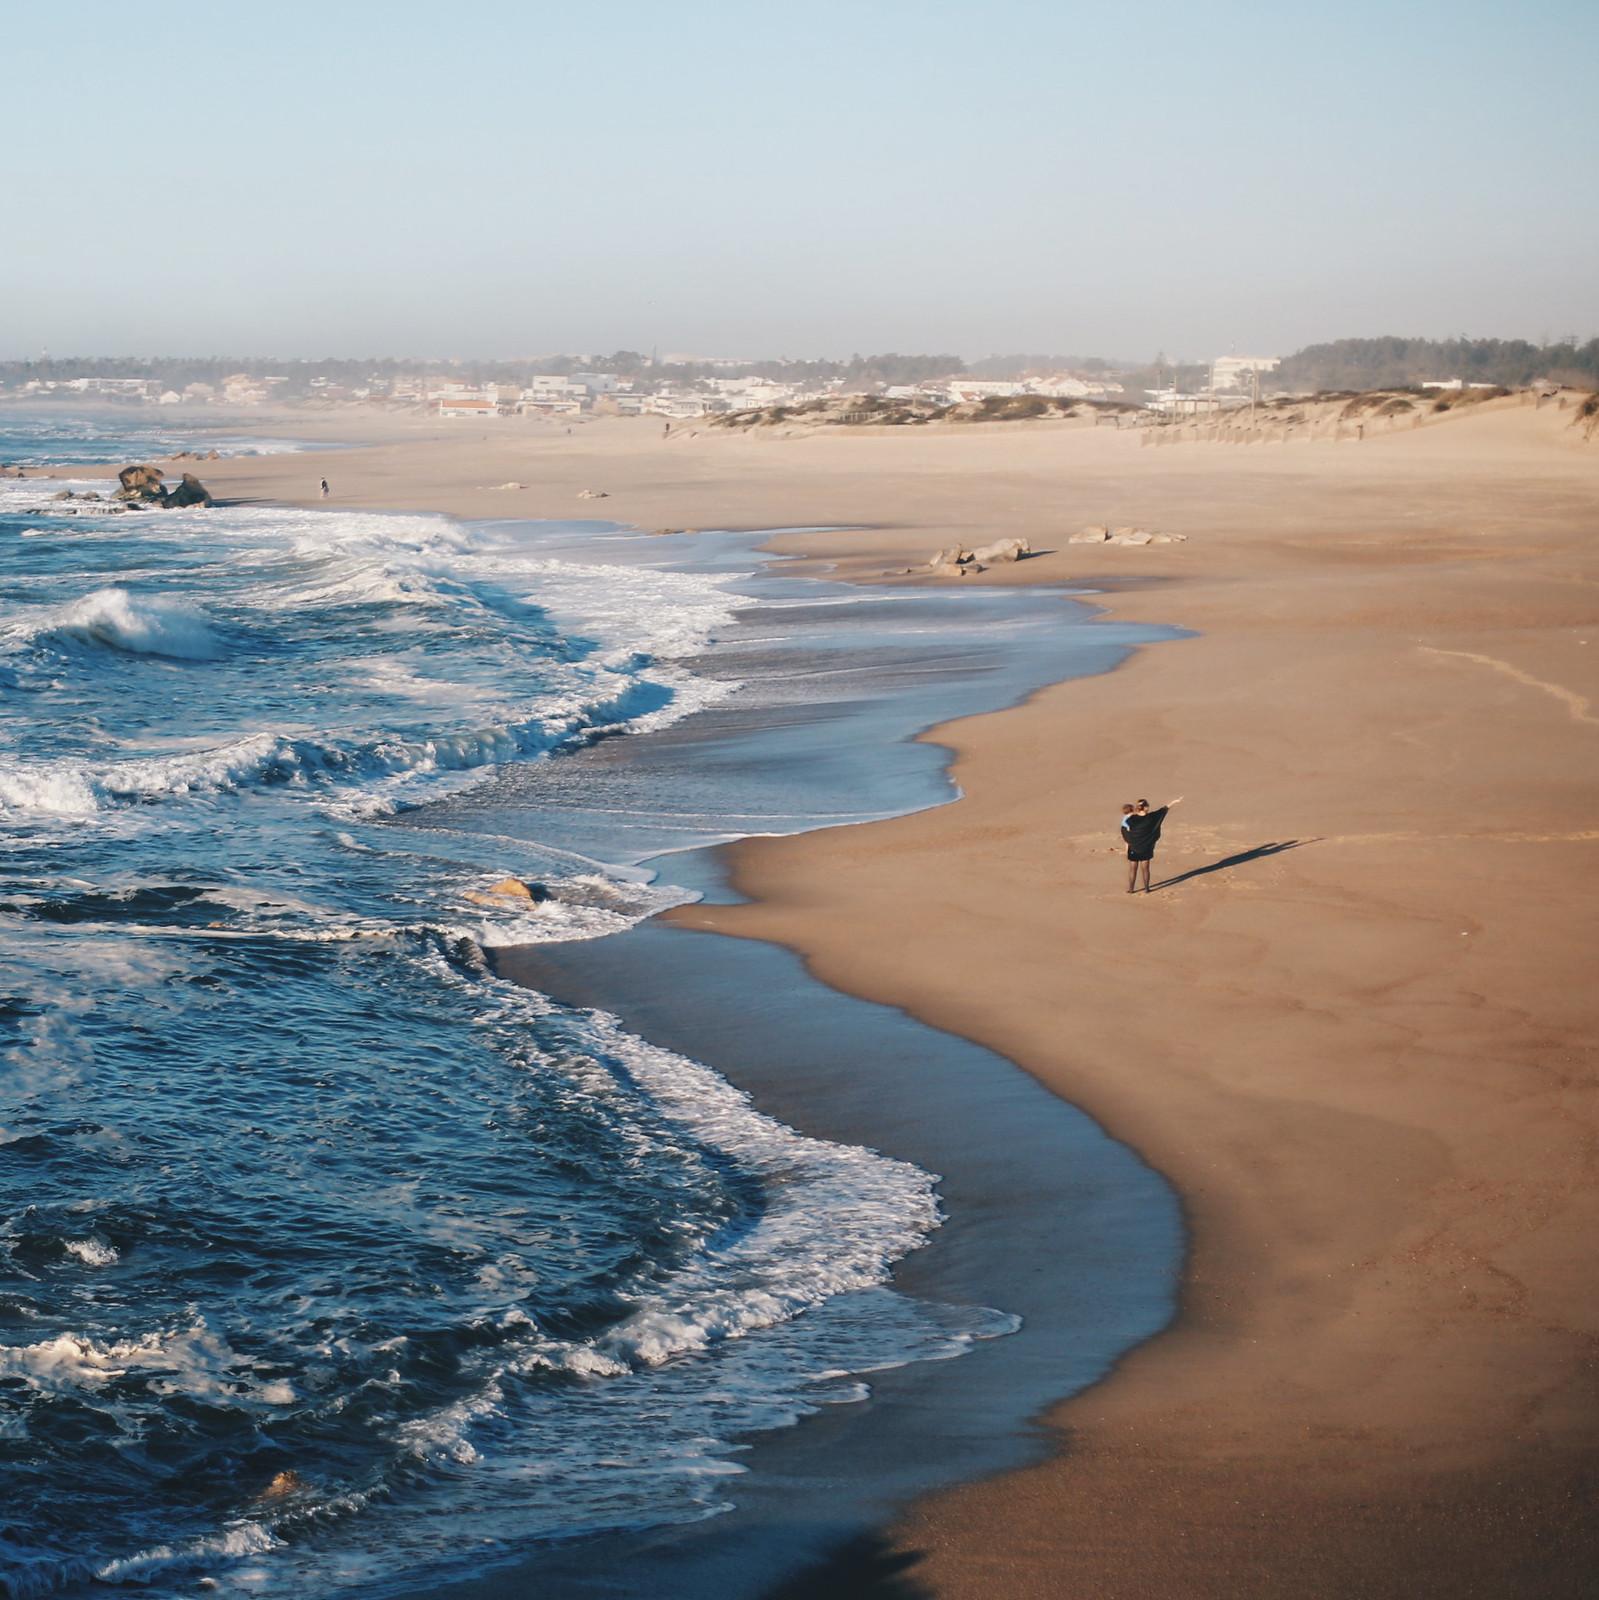 #december in #portugal